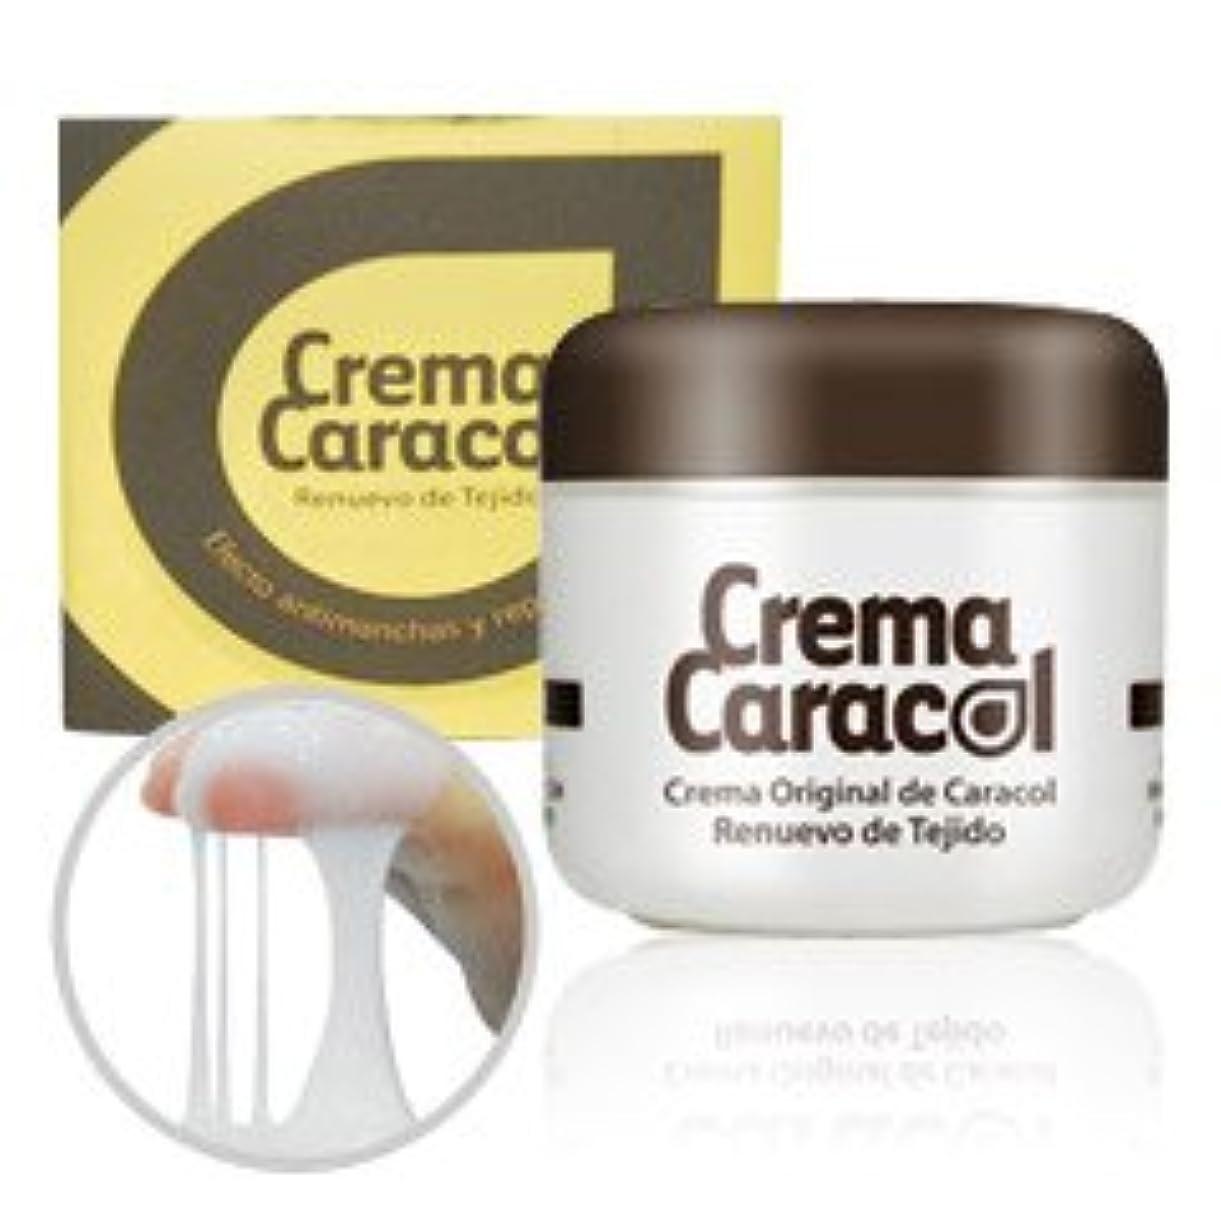 締めるアクセサリー展開するcrema caracol(カラコール) かたつむりクリーム 3個セット